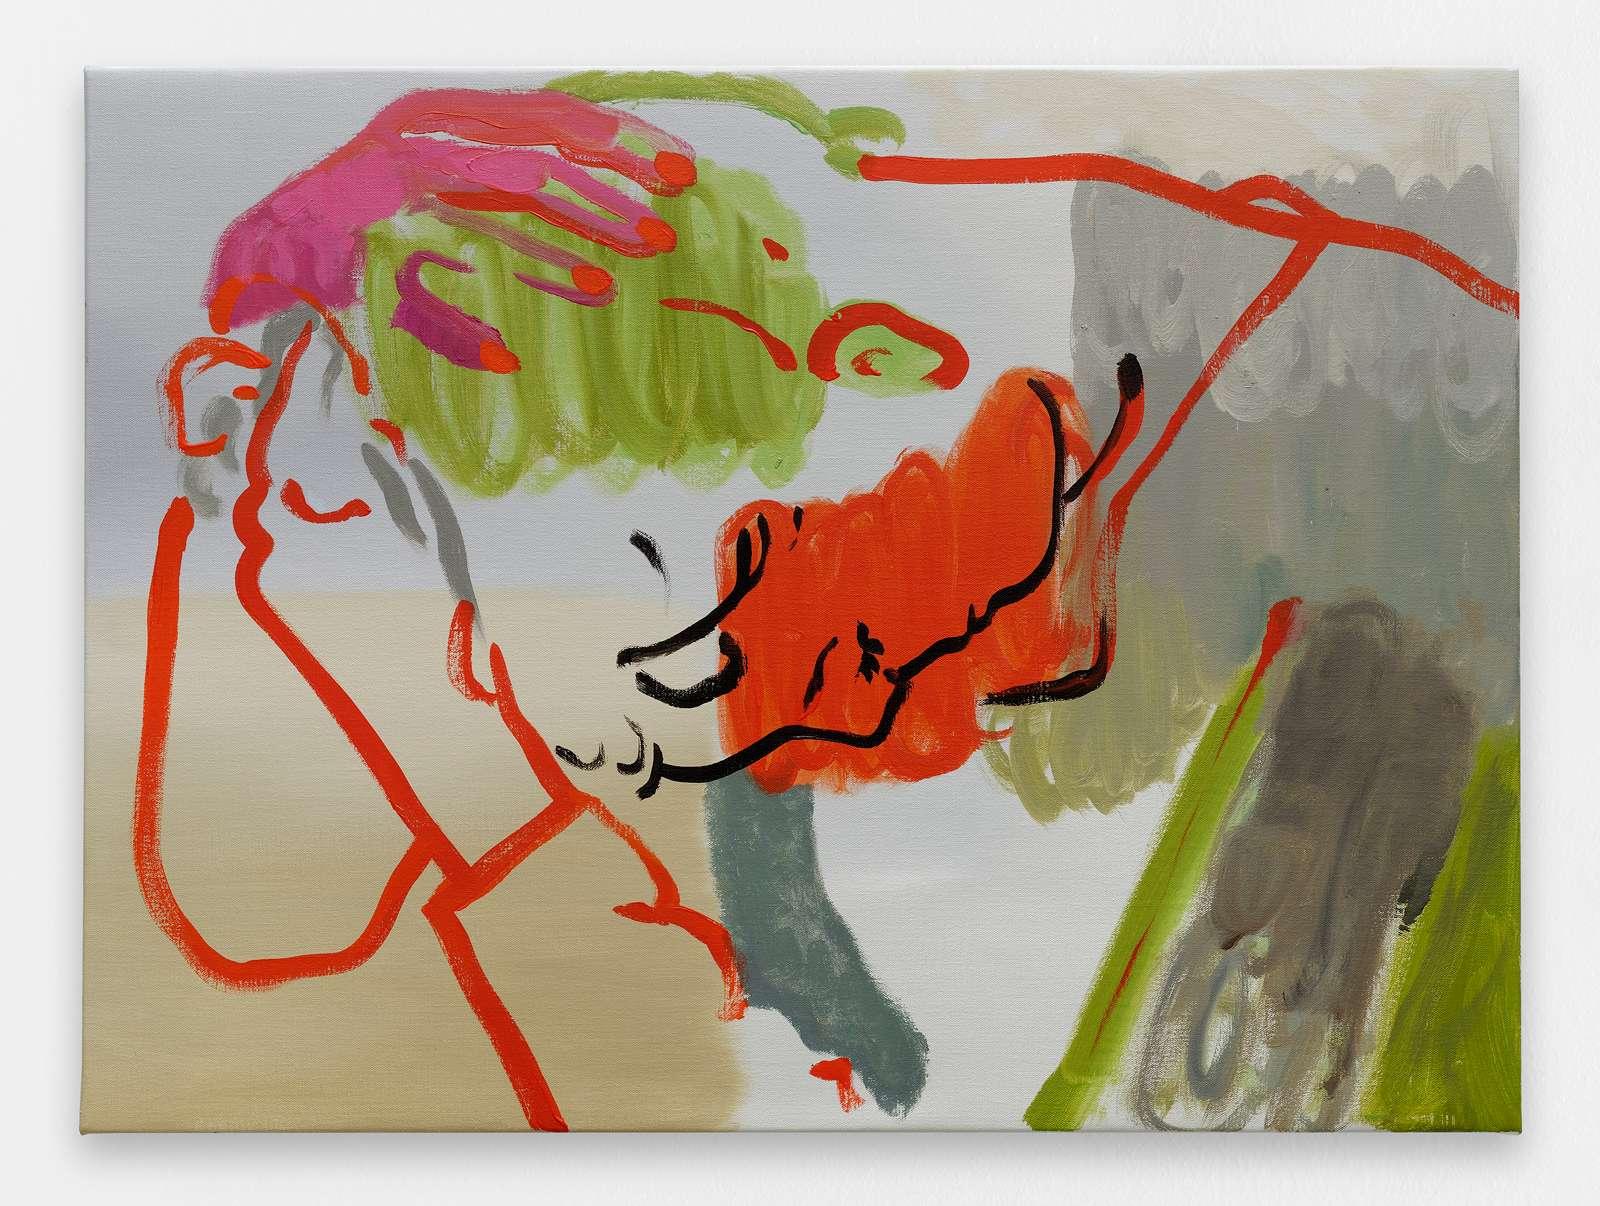 Françoise Pétrovitch, Sans titre, 2017 Huile sur toile60 × 81 cm / 23 5/8 × 31 7/8 in.